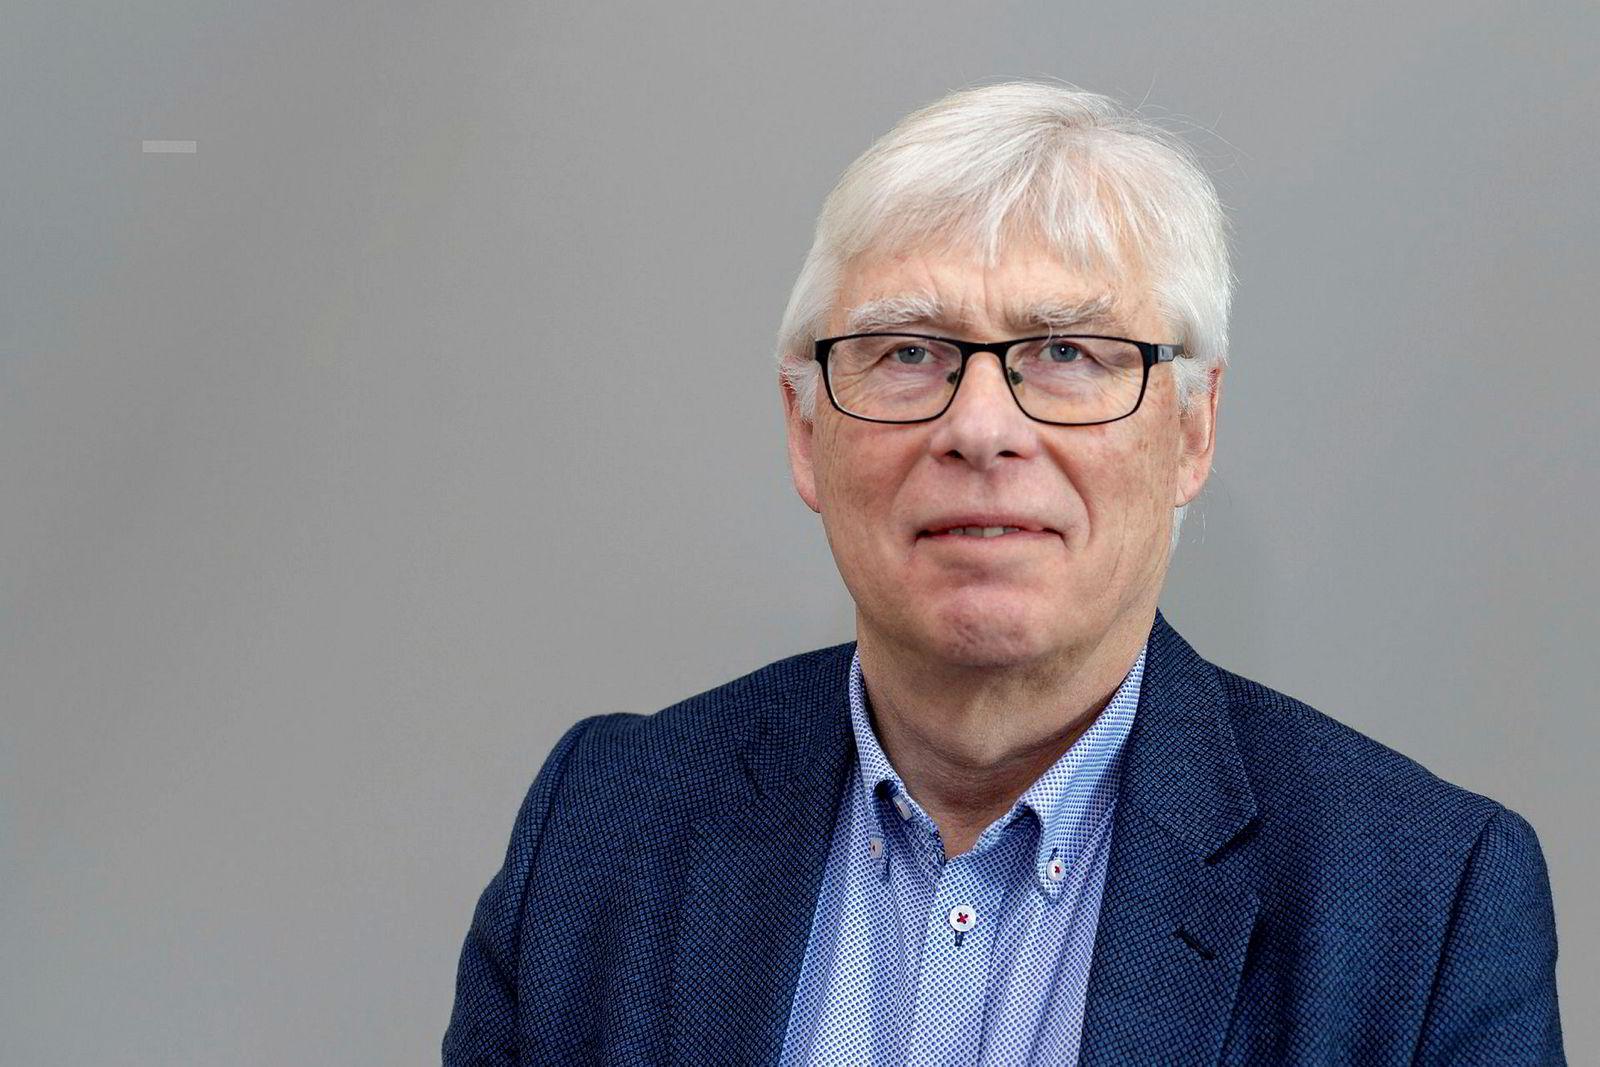 Øyvind Lie, direktør ved kyst- og havbruksavdelingen i Fiskeridirektoratet, anslår at antallet laks som har rømt i år vil passere 300.000.